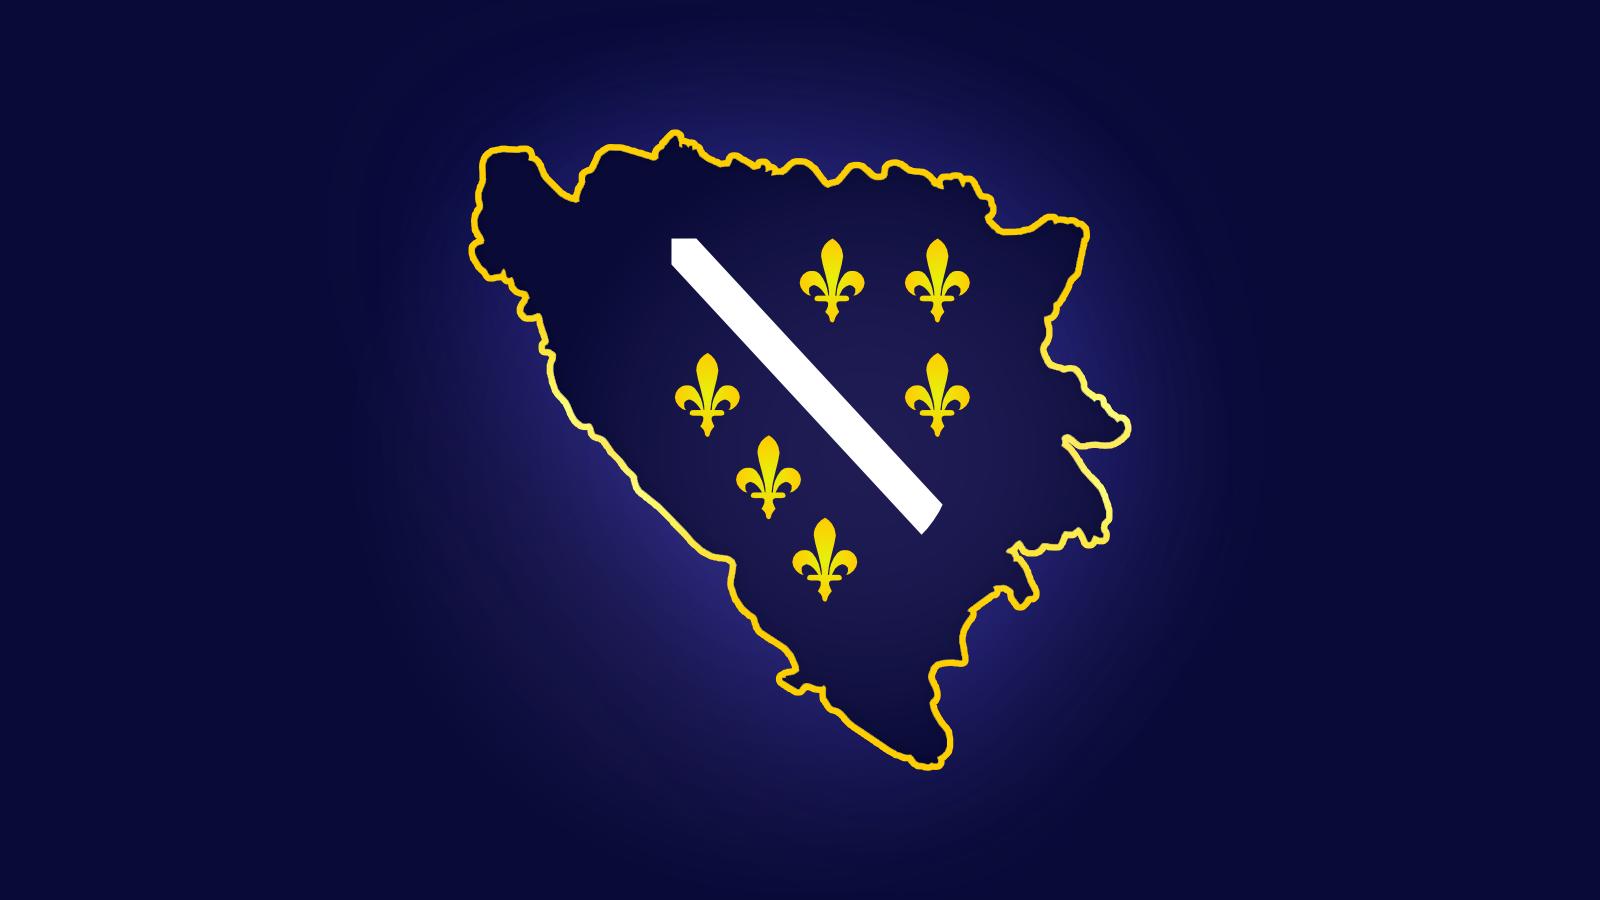 Granice Bosne i Hercegovine - Grb Bosne i Hercegovine